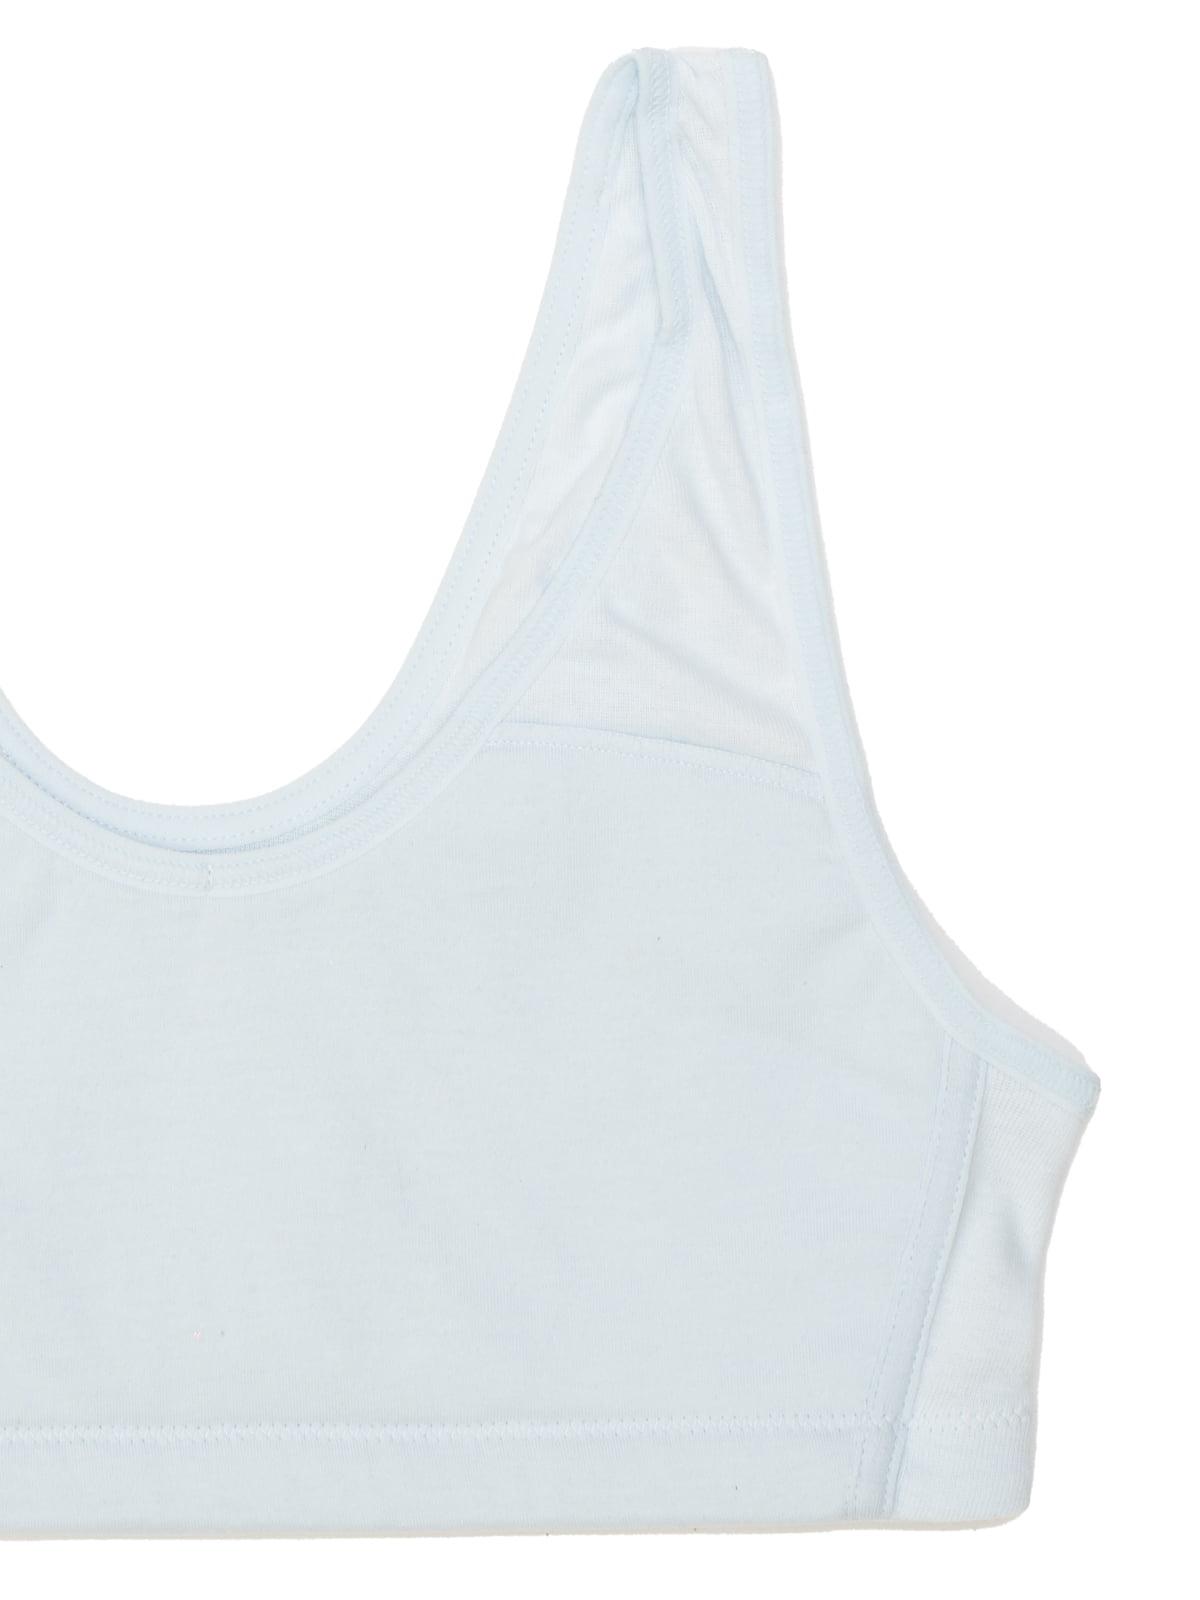 [tutuプチ]STEP1・ジュニア用ワンポイントハートハーフトップ(綿素材)